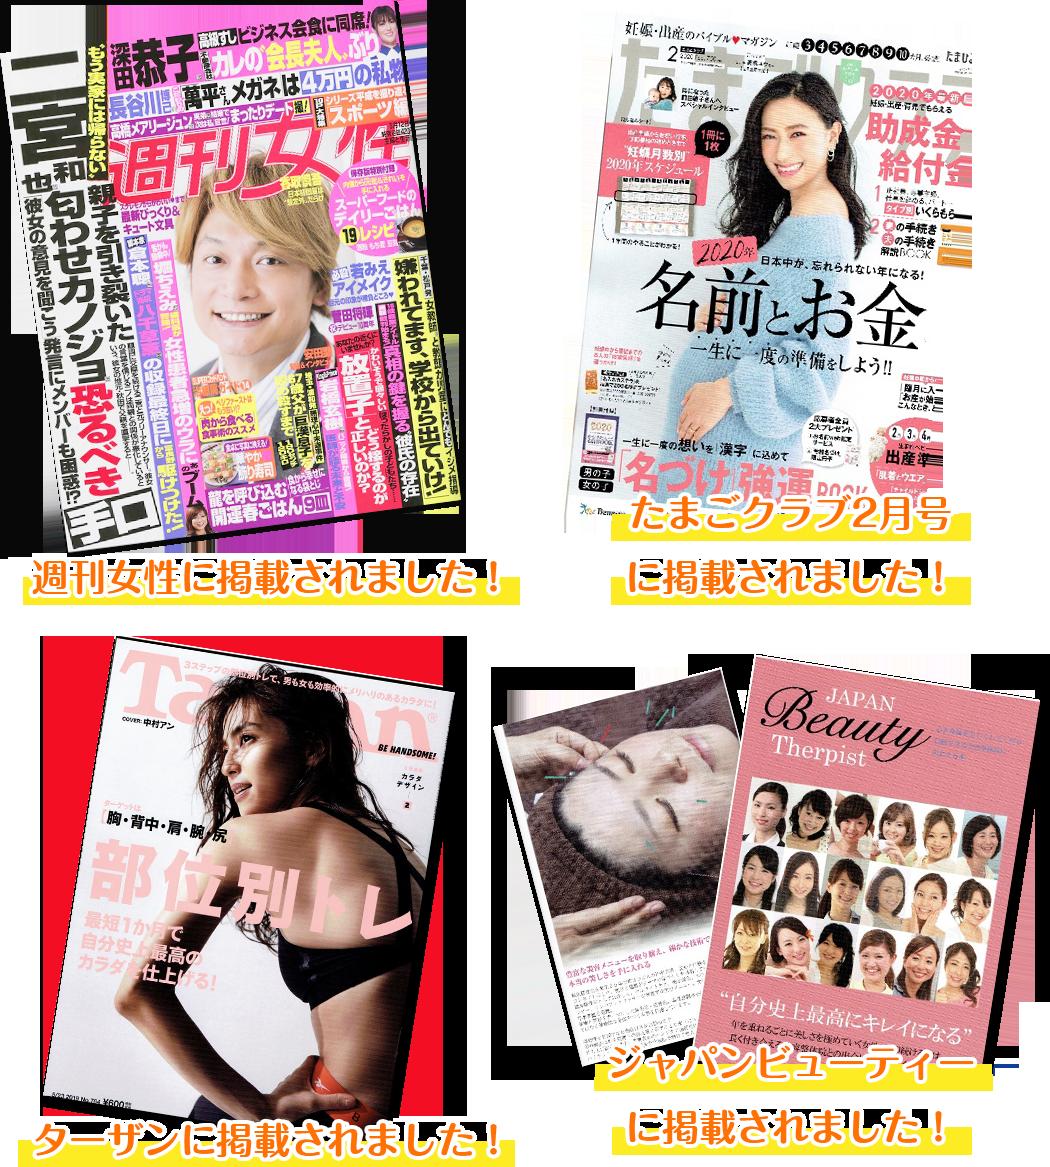 週刊女性2月号に掲載